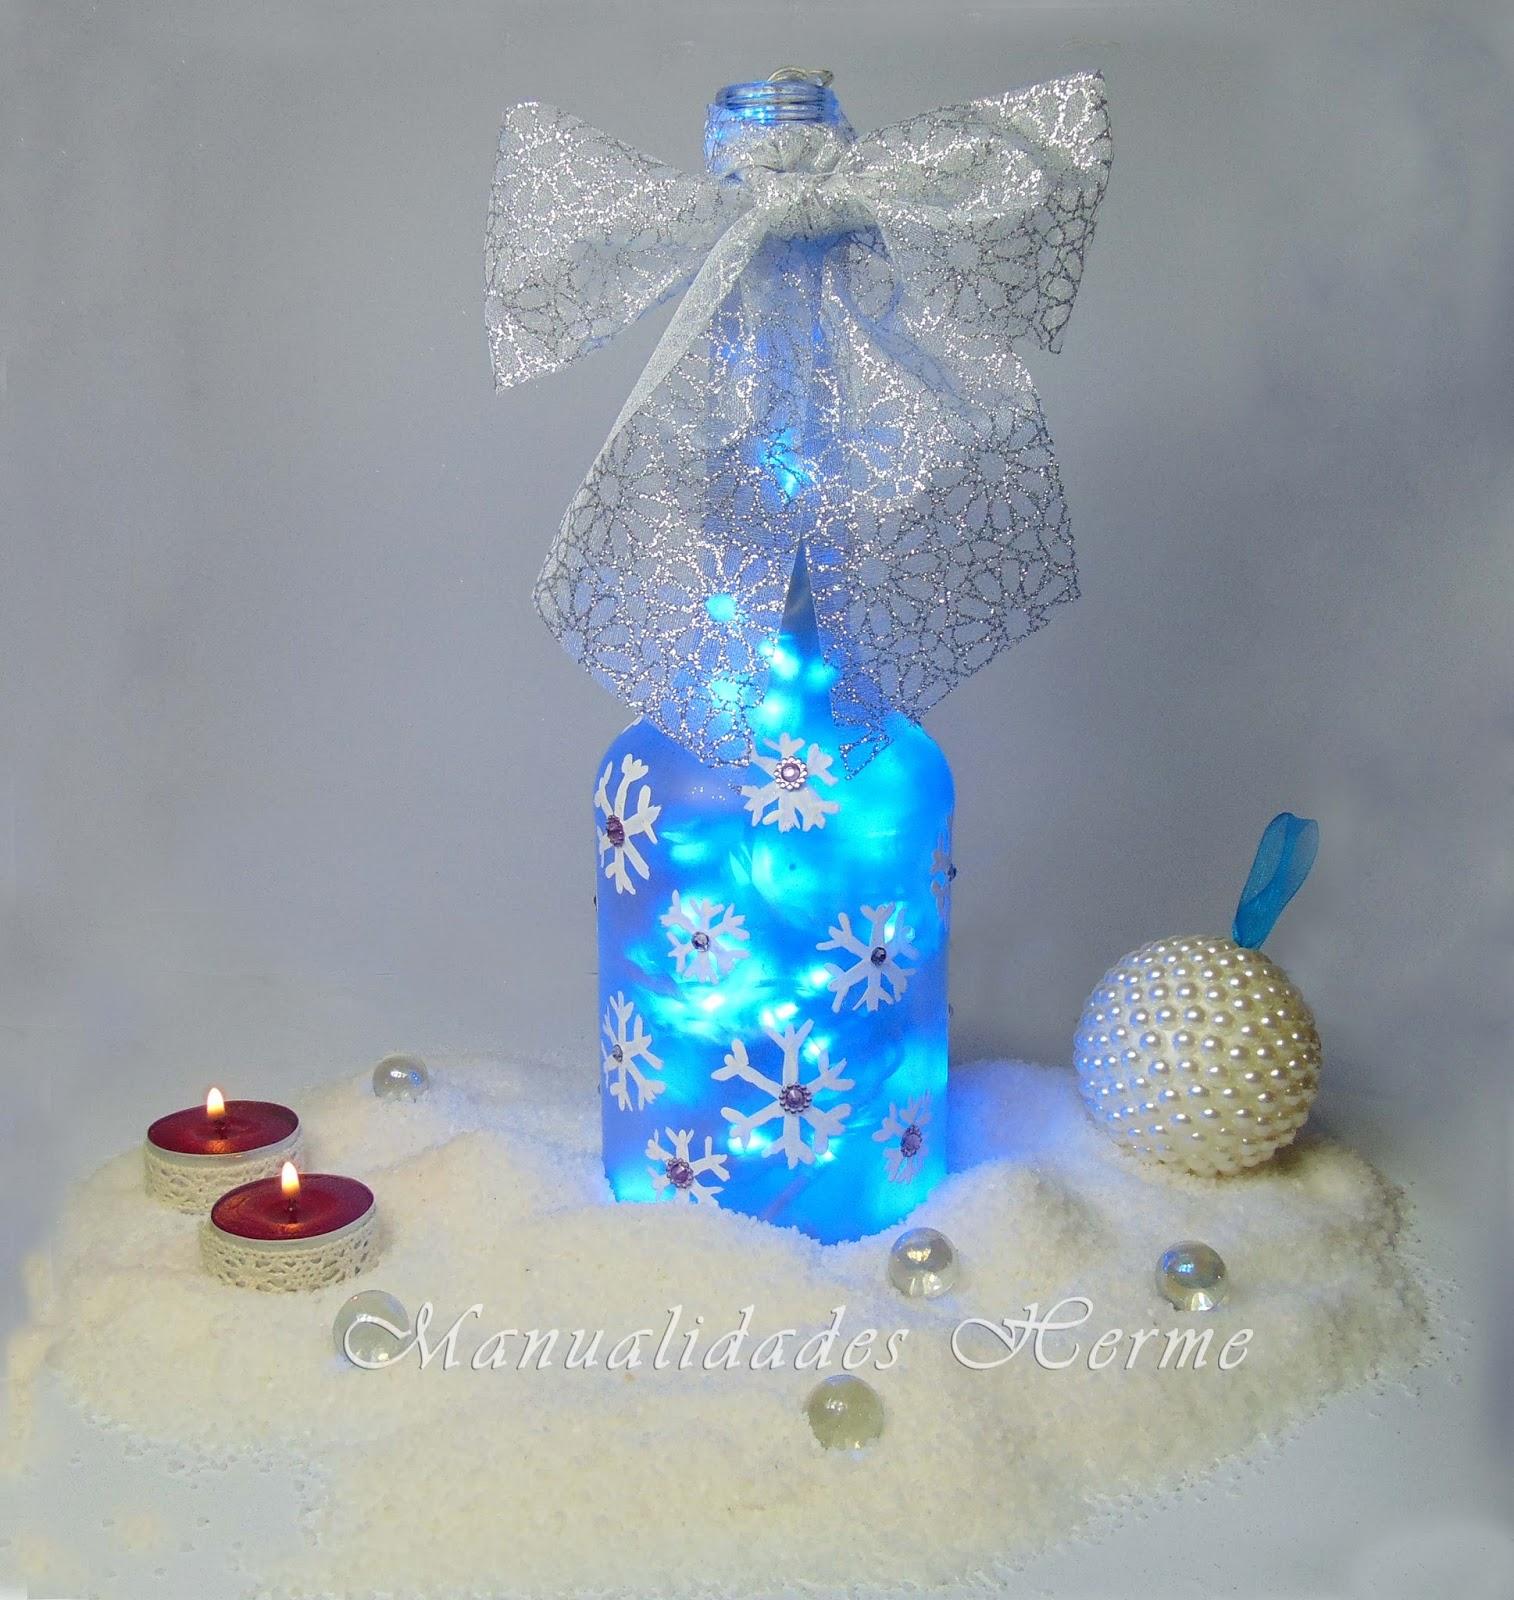 Manualidades herme como decorar una botella para navidad for Como decorar unas